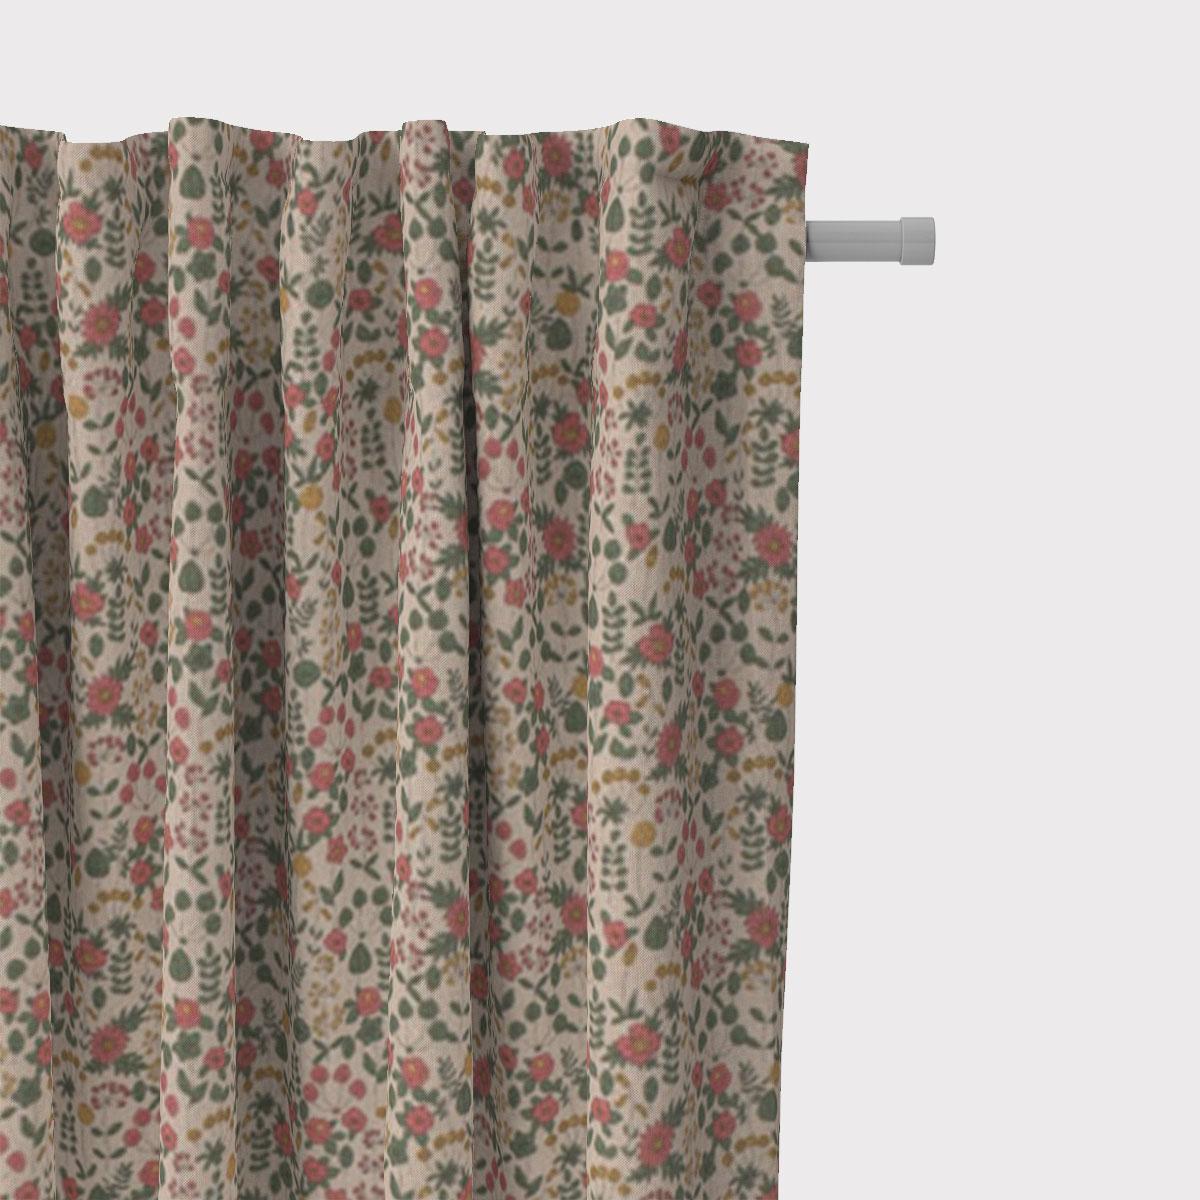 SCHÖNER LEBEN. Vorhang Leinenlook Lovely Flower Wiesenblumen natur rosa grün gelb 245cm oder Wunschlänge